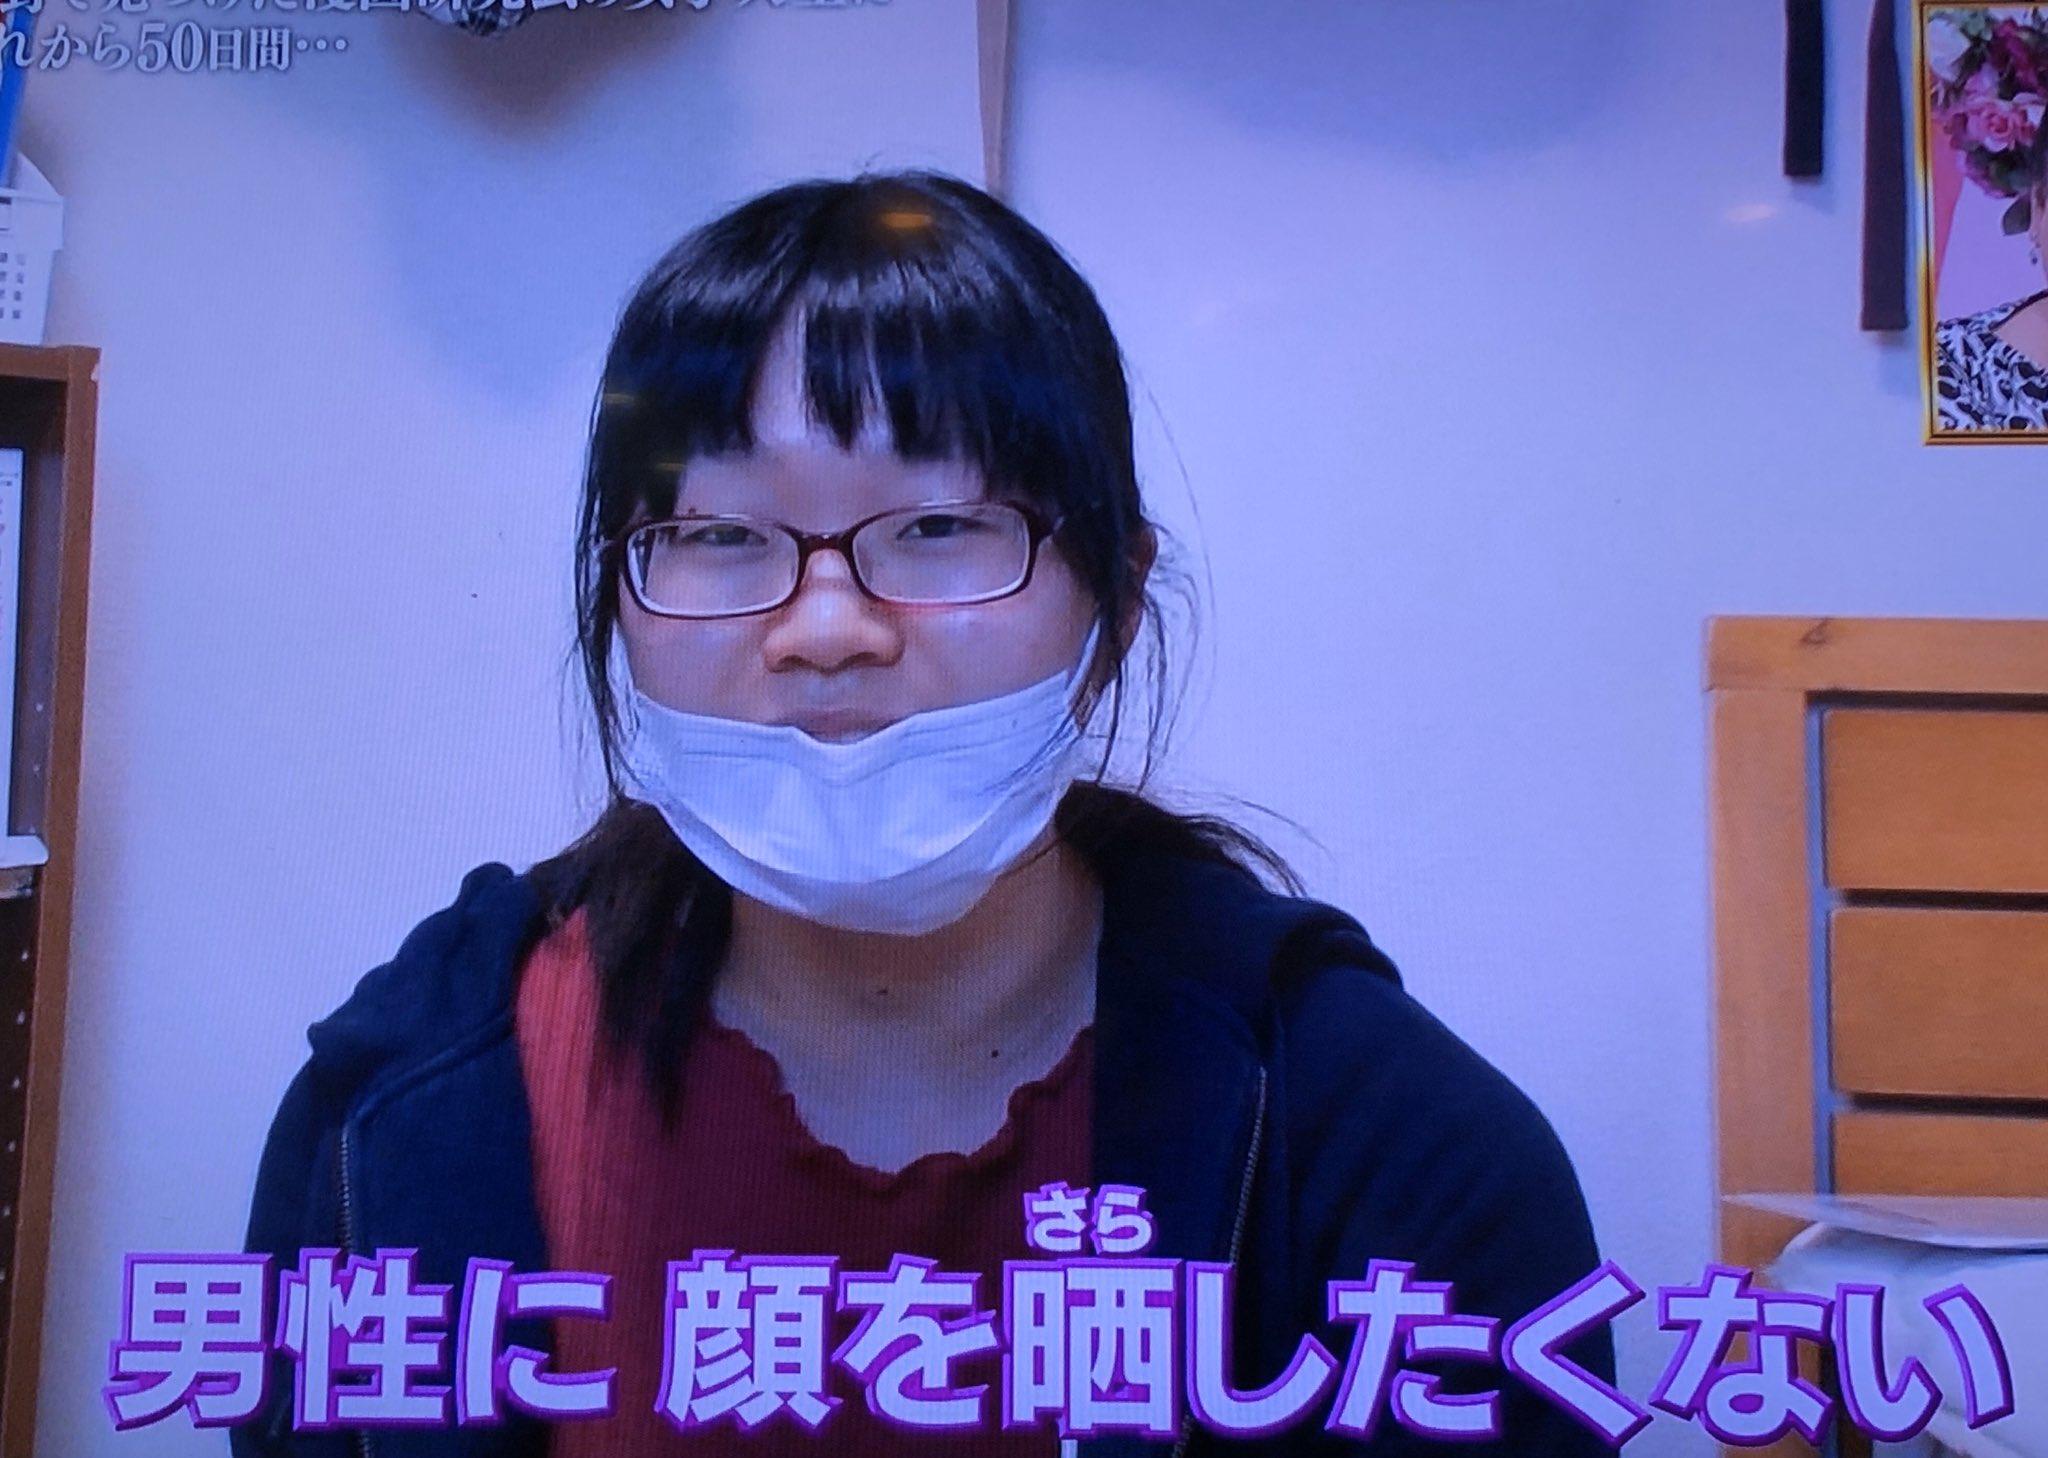 50 日間 マツコ ガリ勉女子大生あきさんが東京タワーの見える部屋で50日間暮らしたら驚きの姿に!